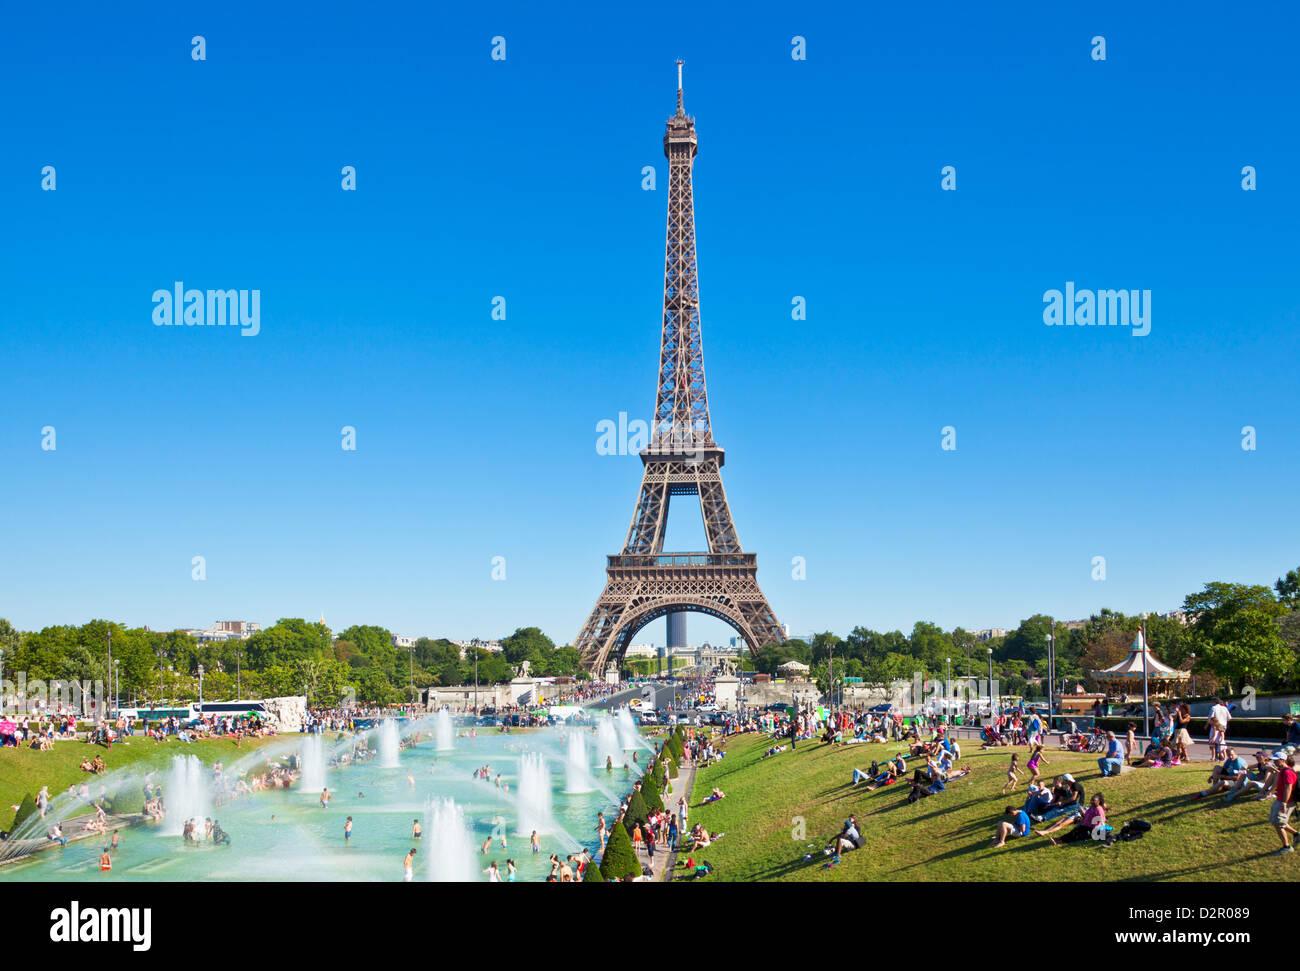 La Tour Eiffel et le Trocadéro Fontaines, Paris, France, Europe Photo Stock